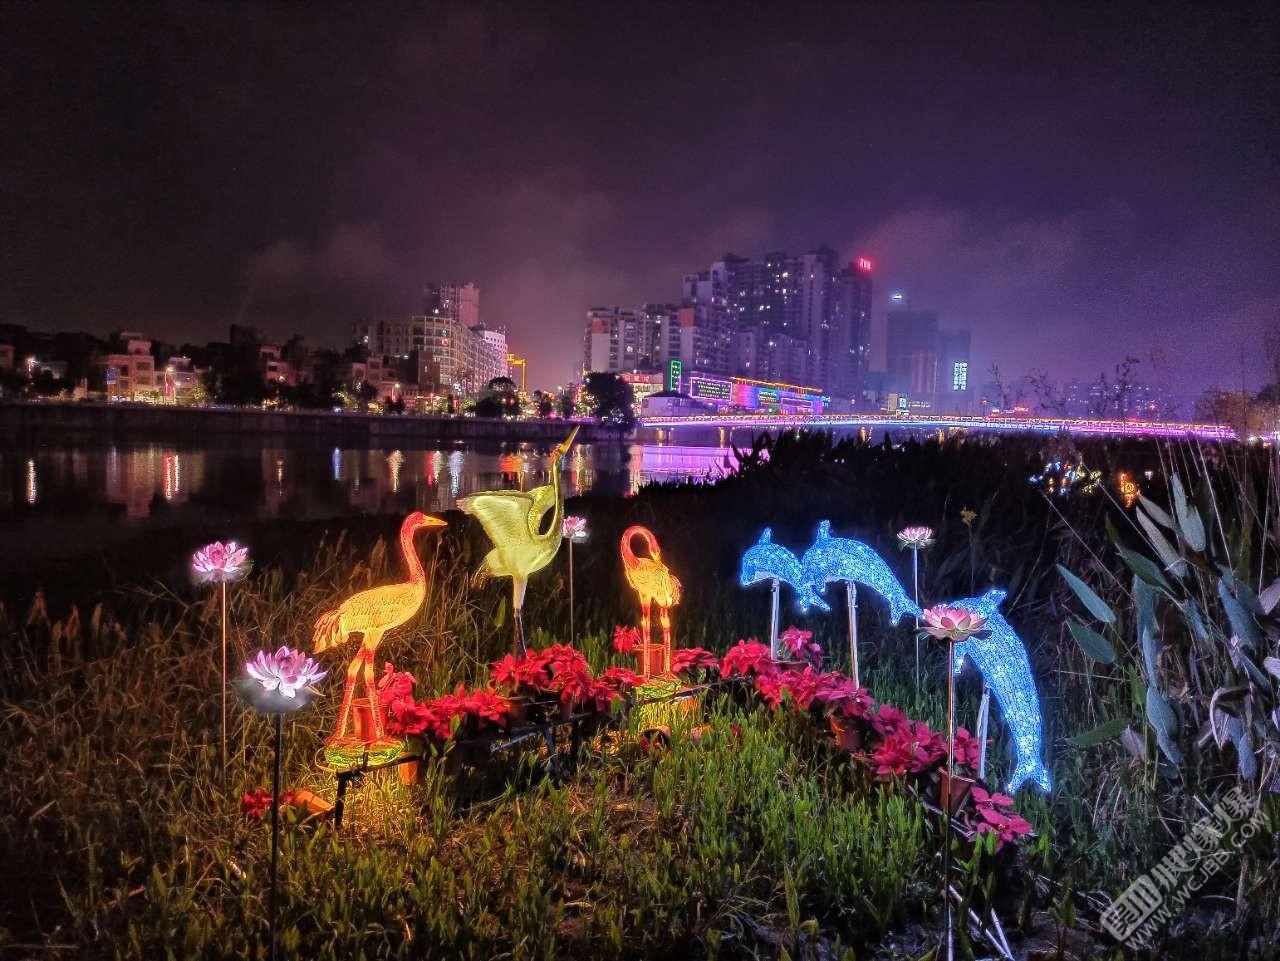 元宵節吳川夜景還是挺好看的